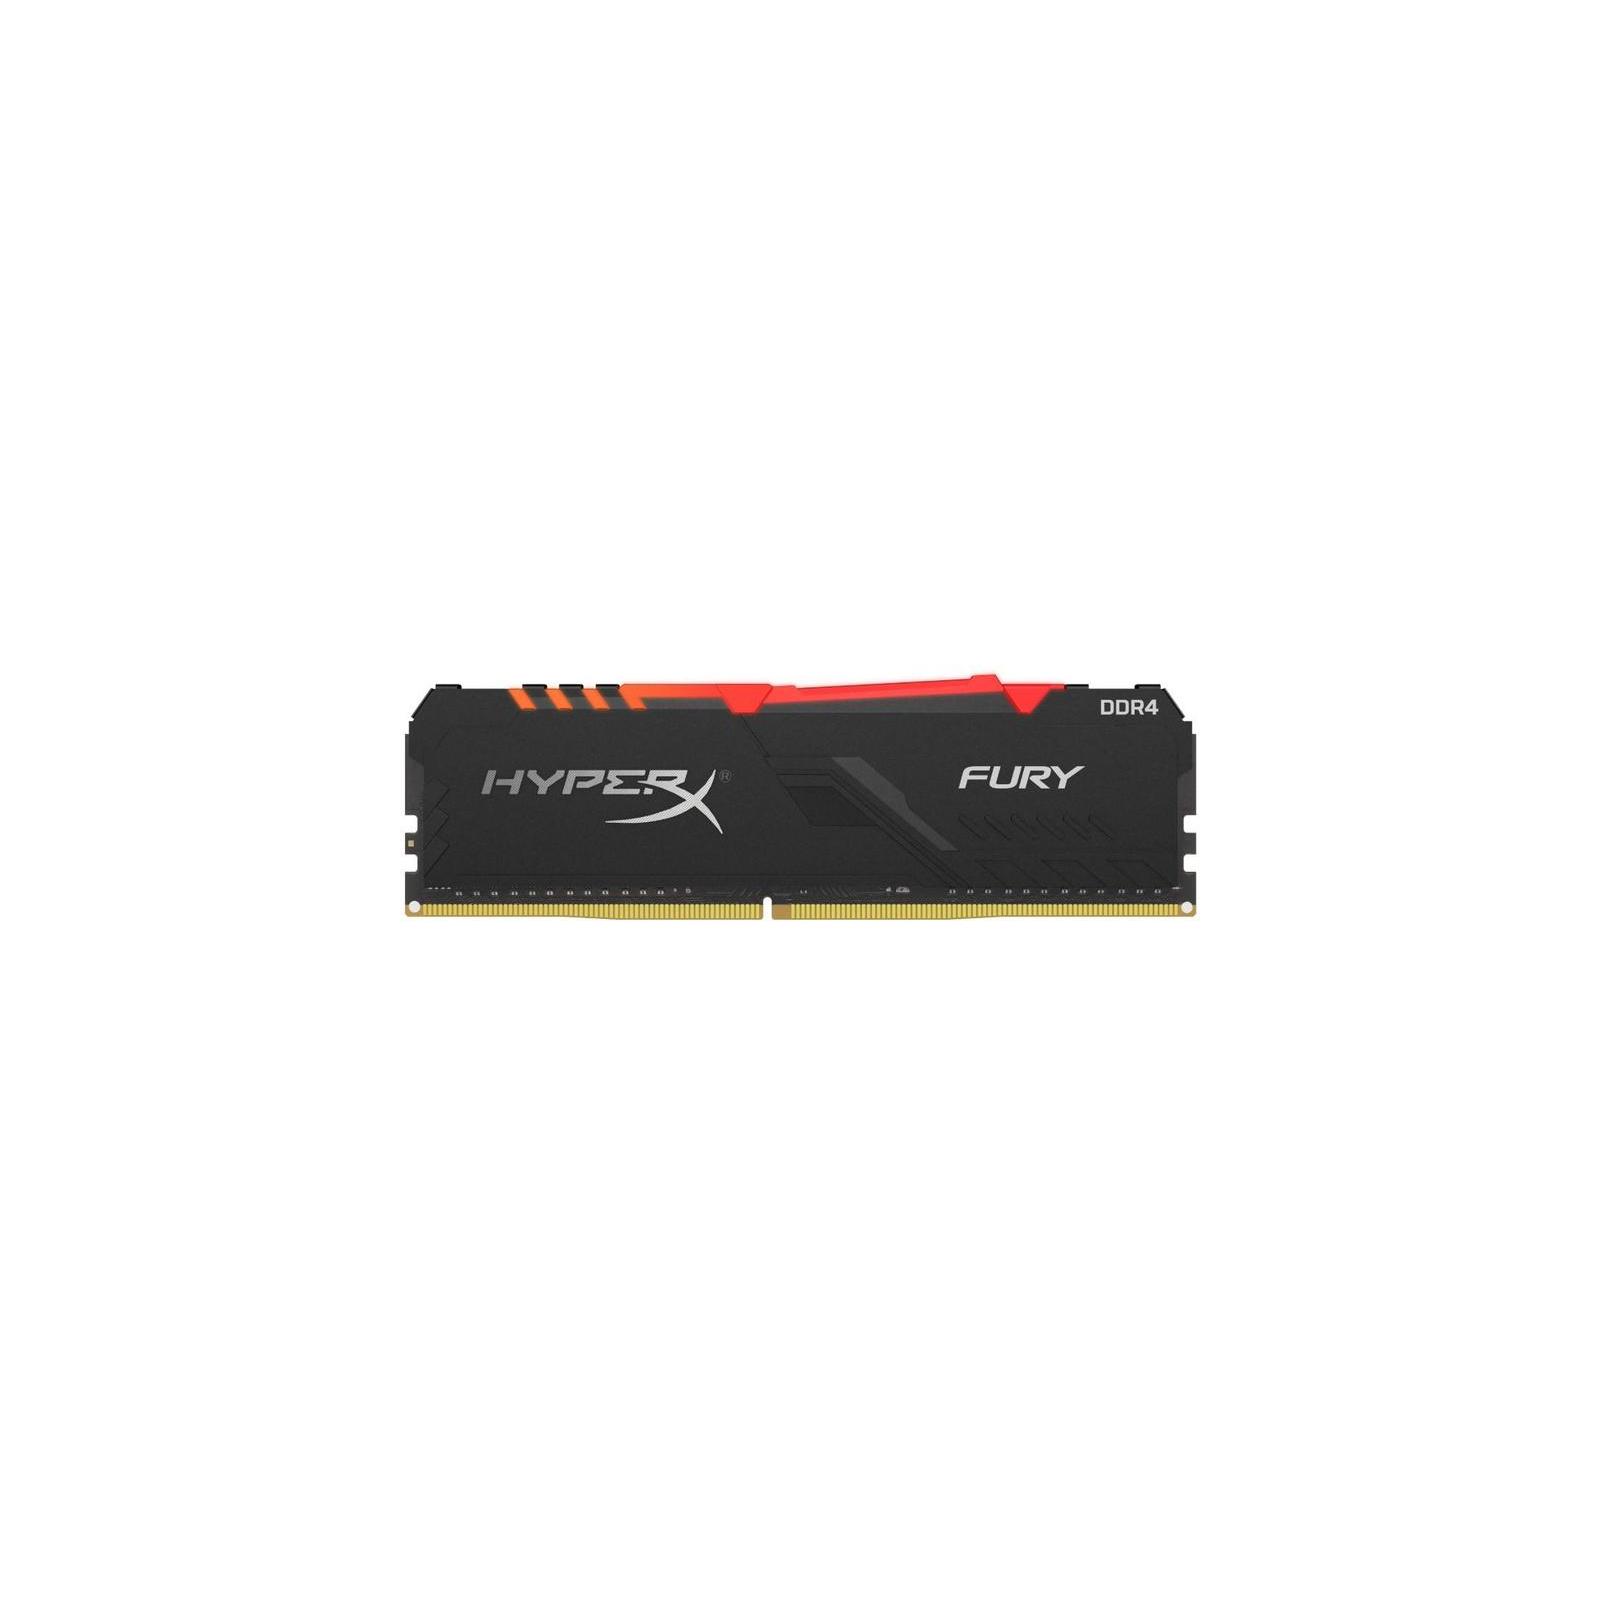 Модуль пам'яті для комп'ютера DDR4 8GB 3200 MHz HyperX FURY RGB Kingston (HX432C16FB3A/8)